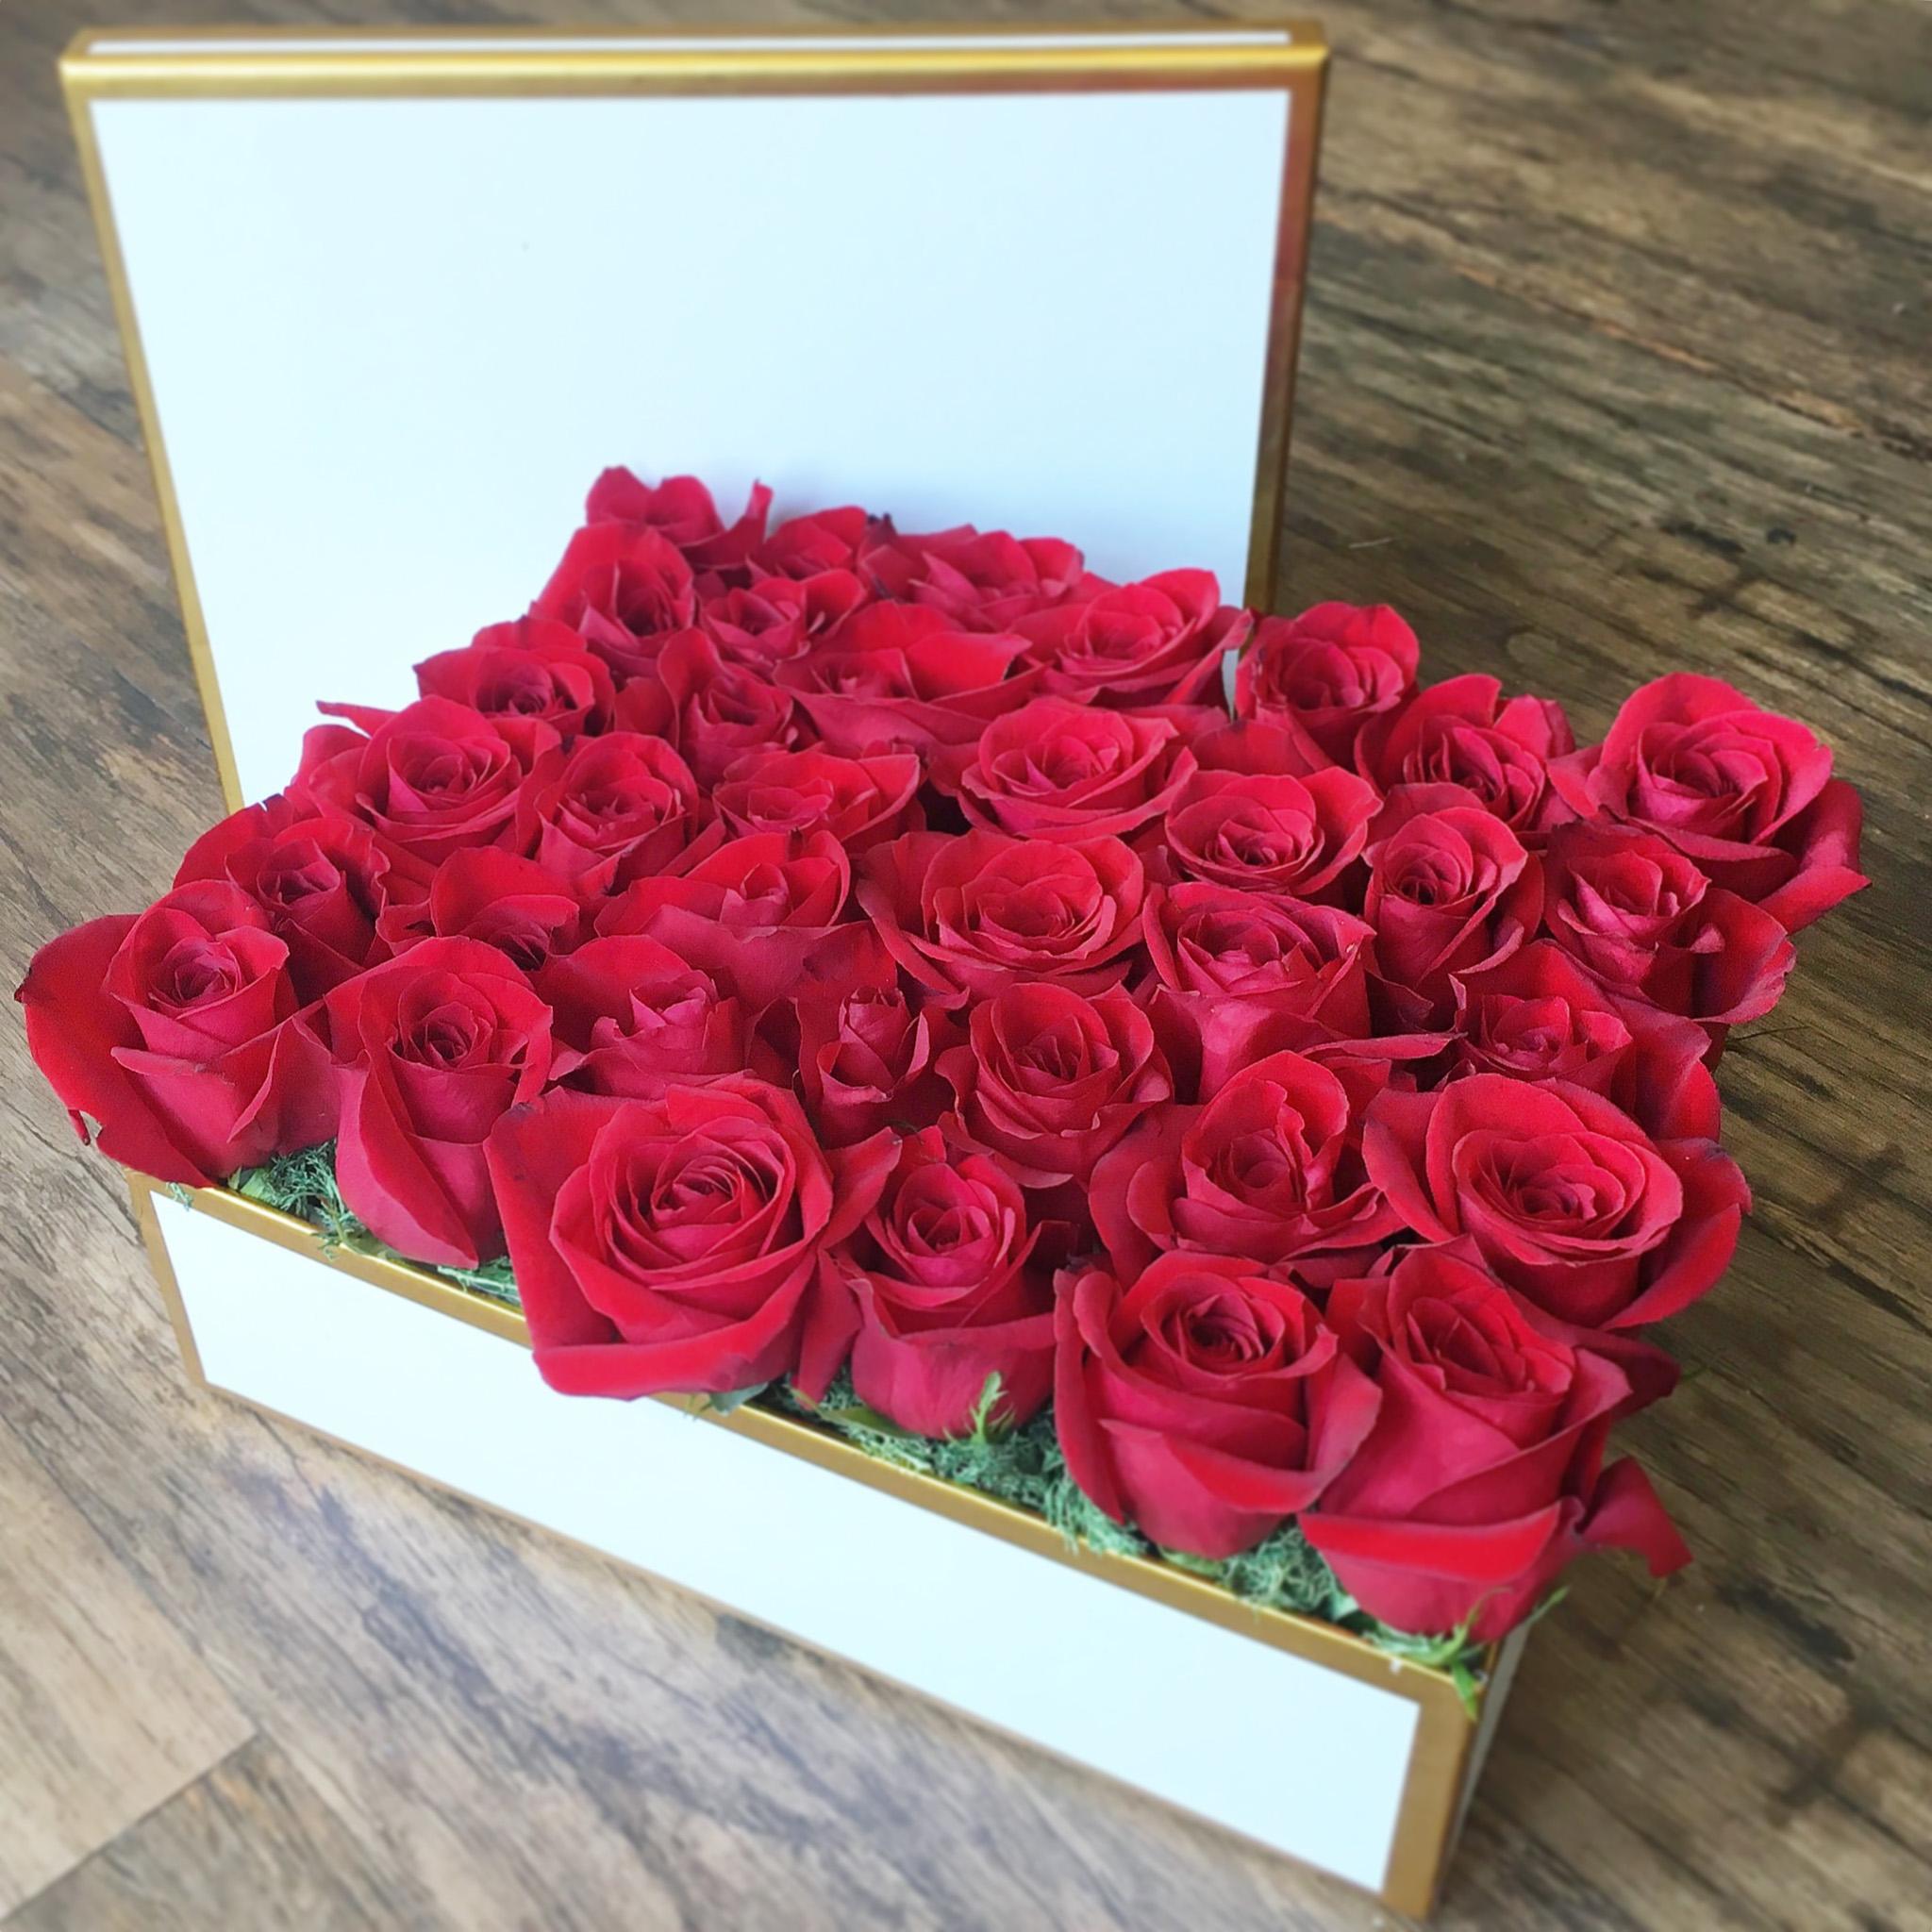 mckenziechic_flowerbox_flat_redroses.jpg